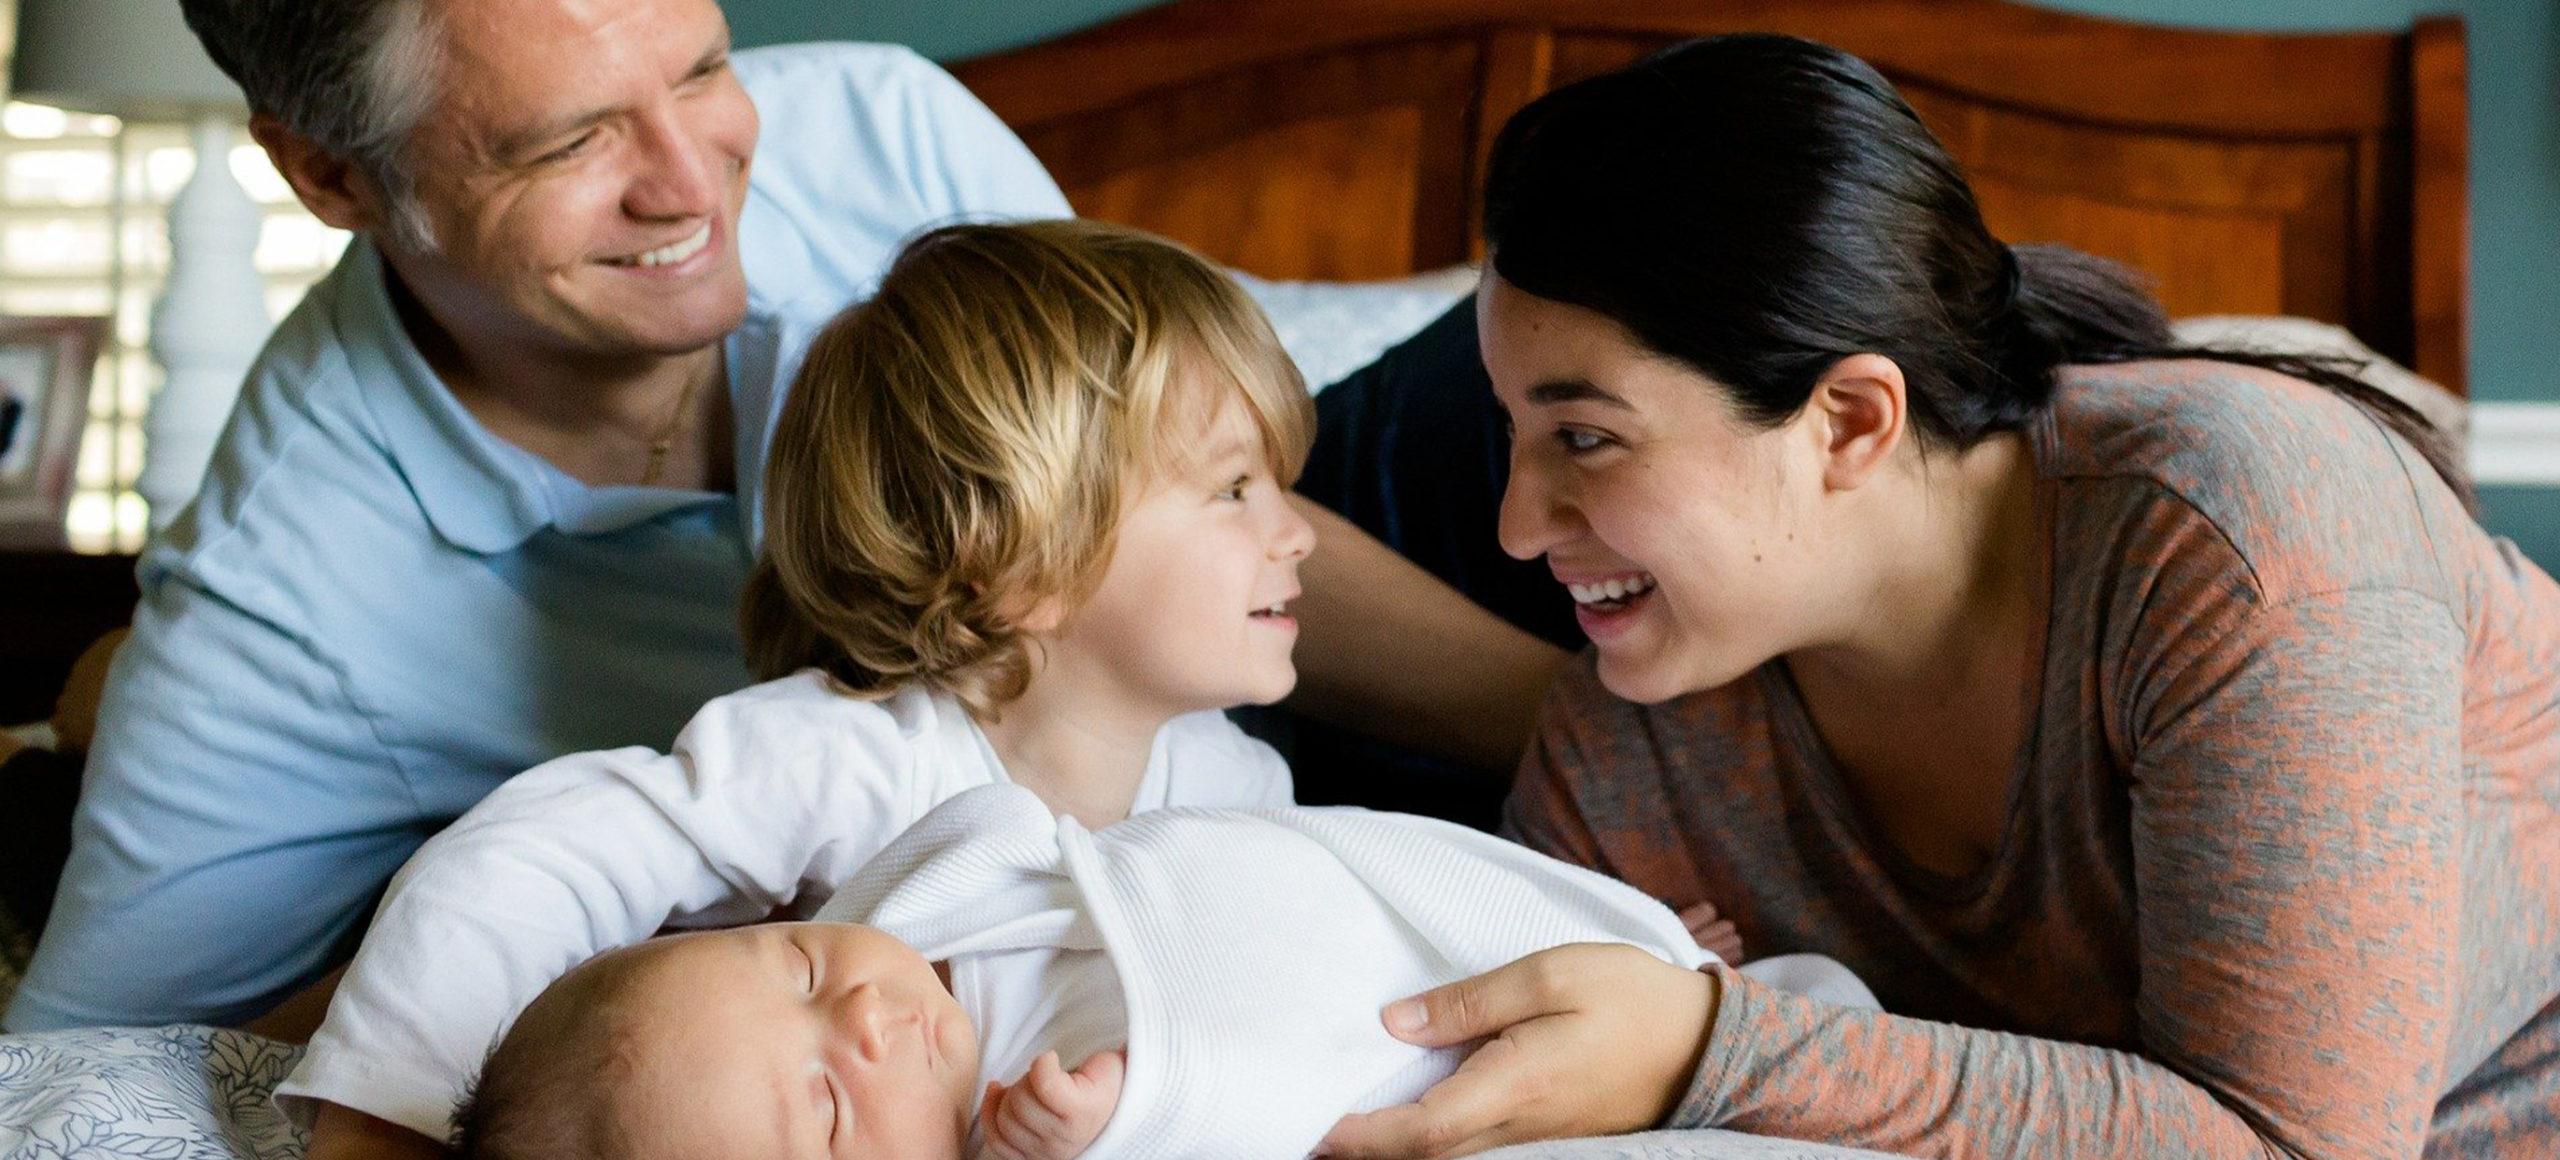 Giornata Internazionale della Famiglia Cura del viso